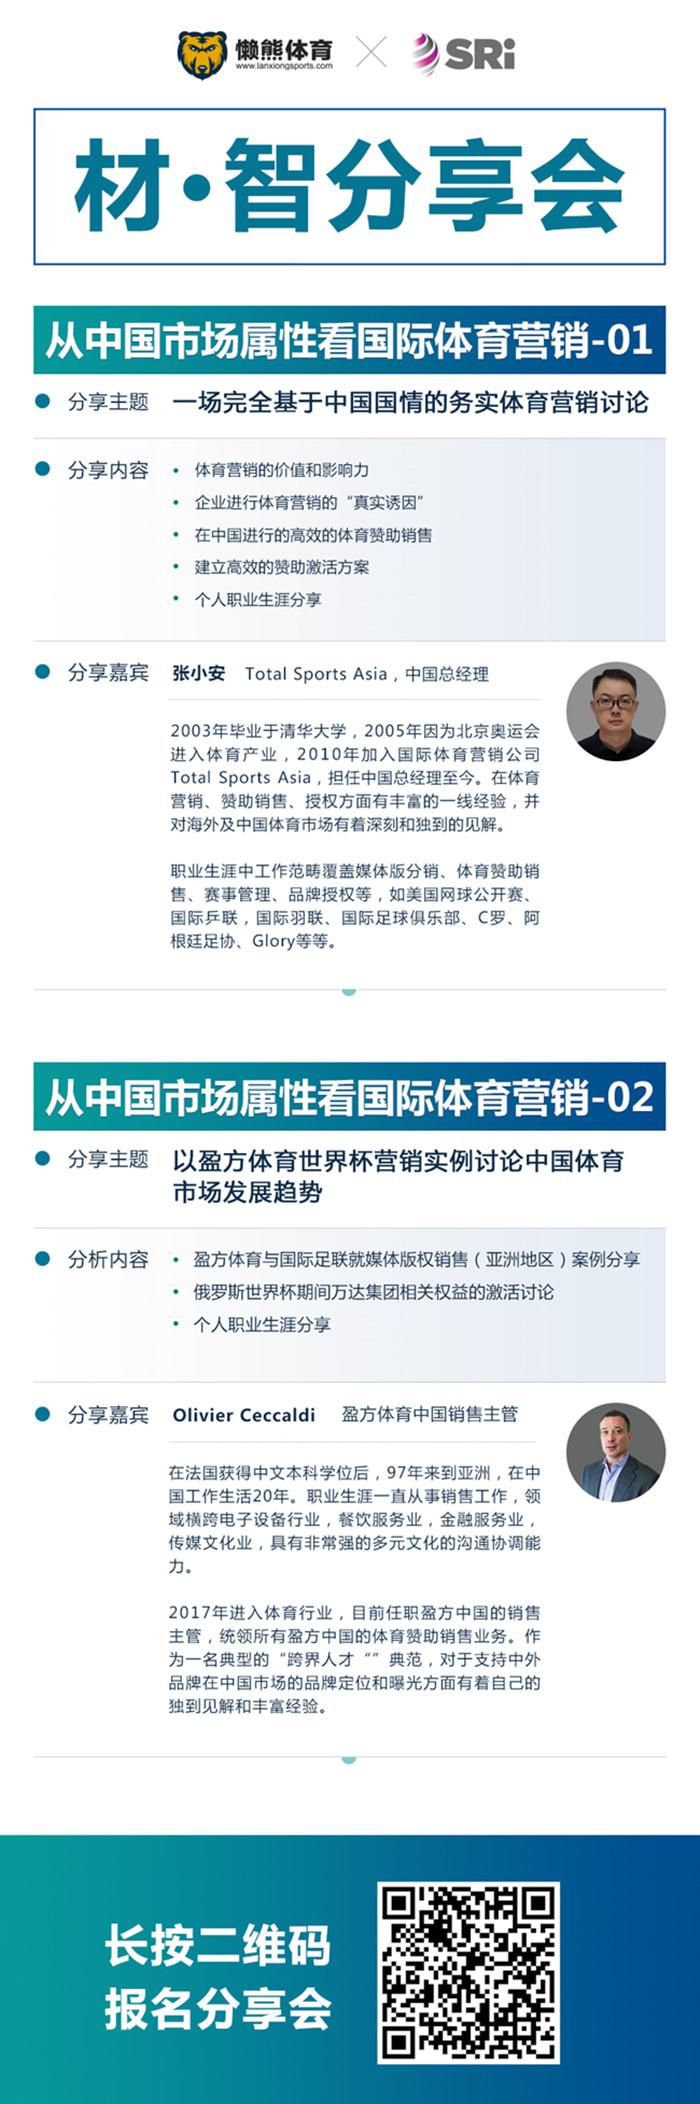 国际体育营销资深人士带你从中国国情出发,来一场接地气的《材·智》分享会